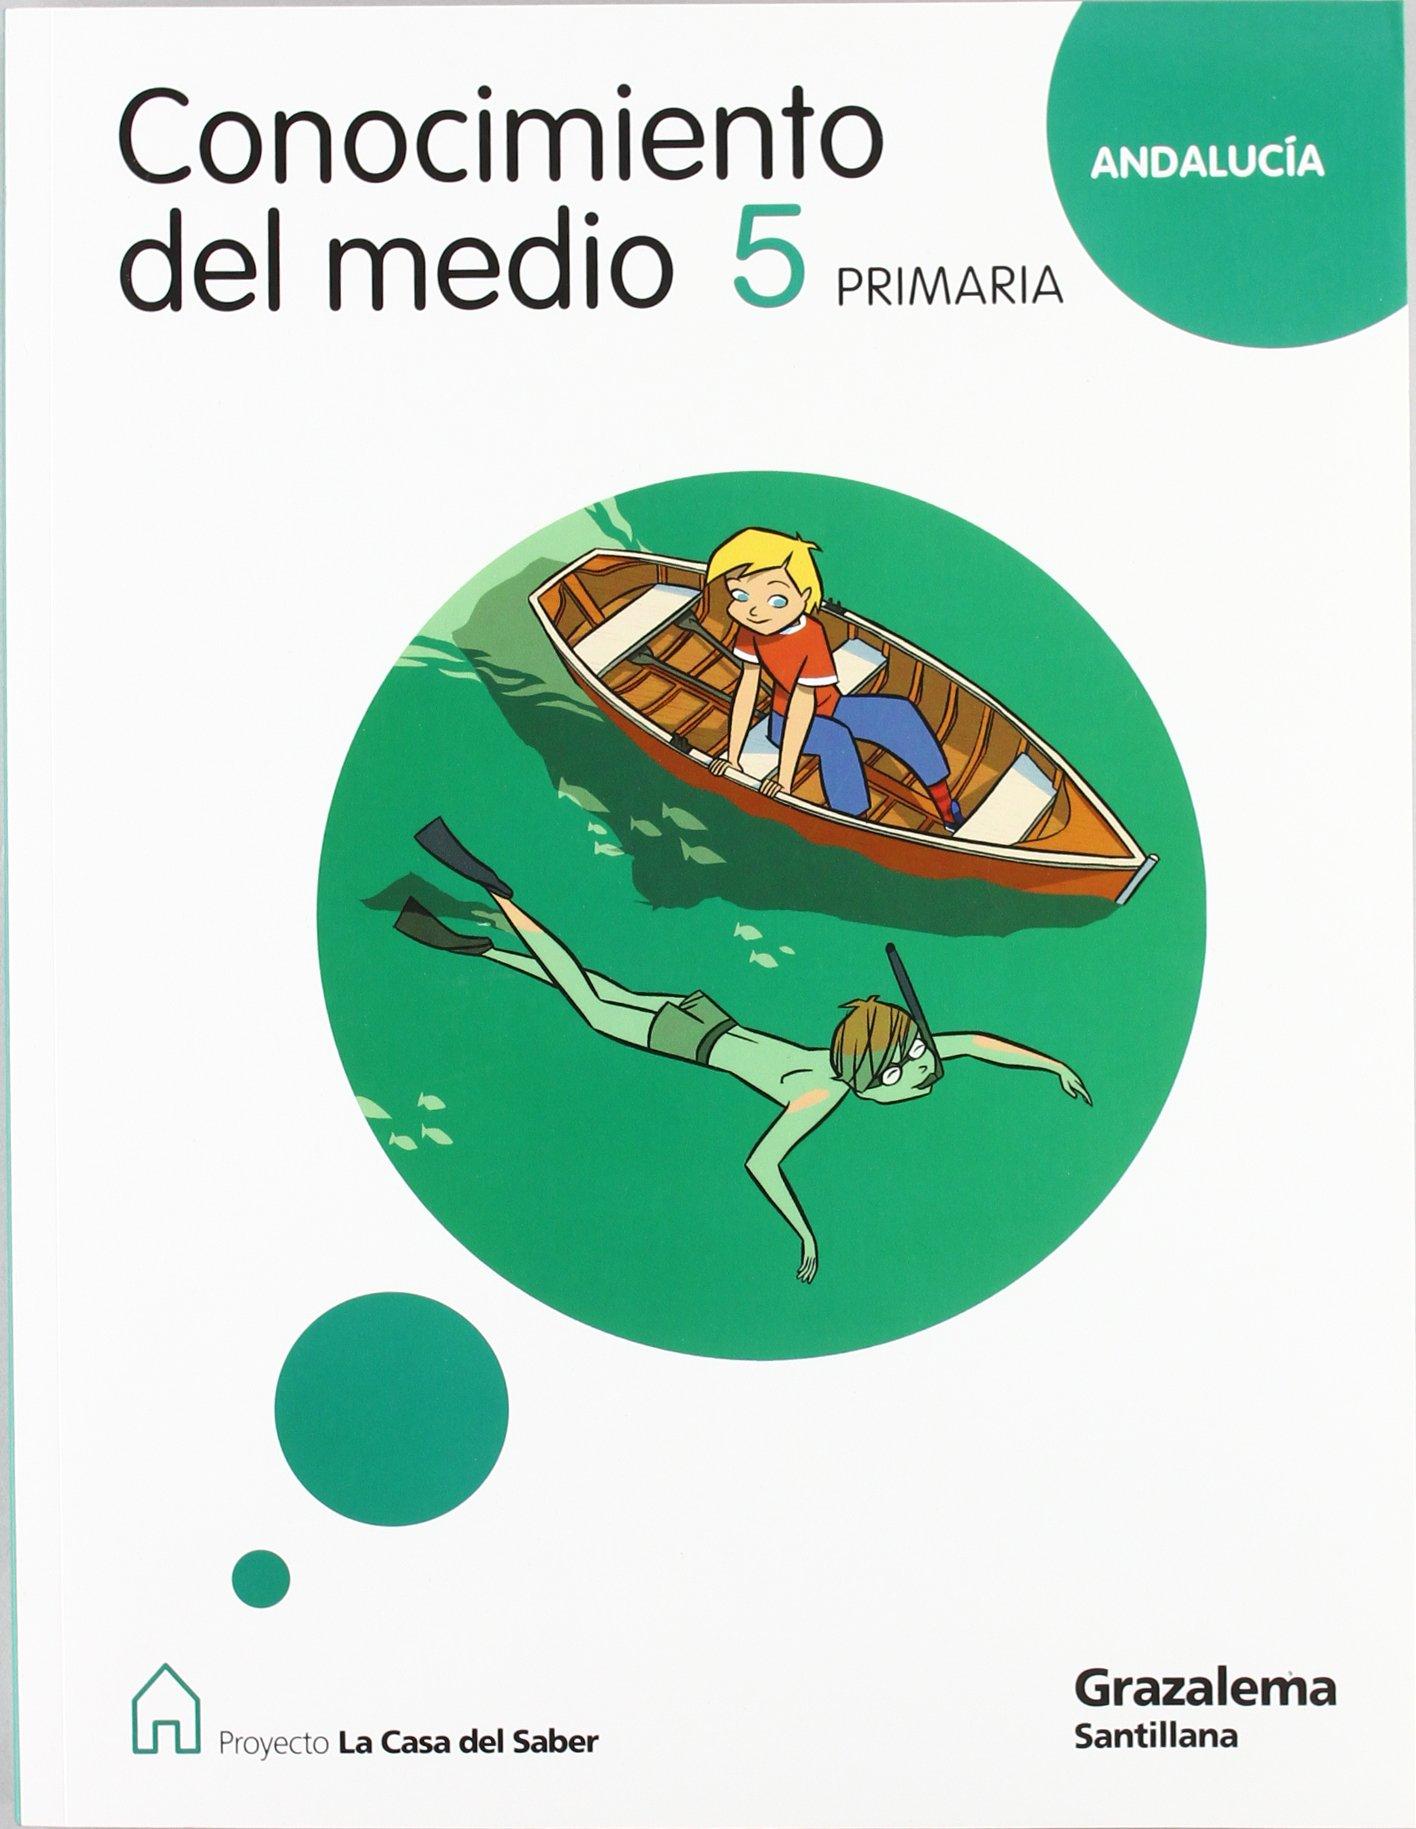 CONOCIMIENTO DEL MEDIO ANDALUCIA 5 PRIMARIA LA CASA DEL SABER PDF